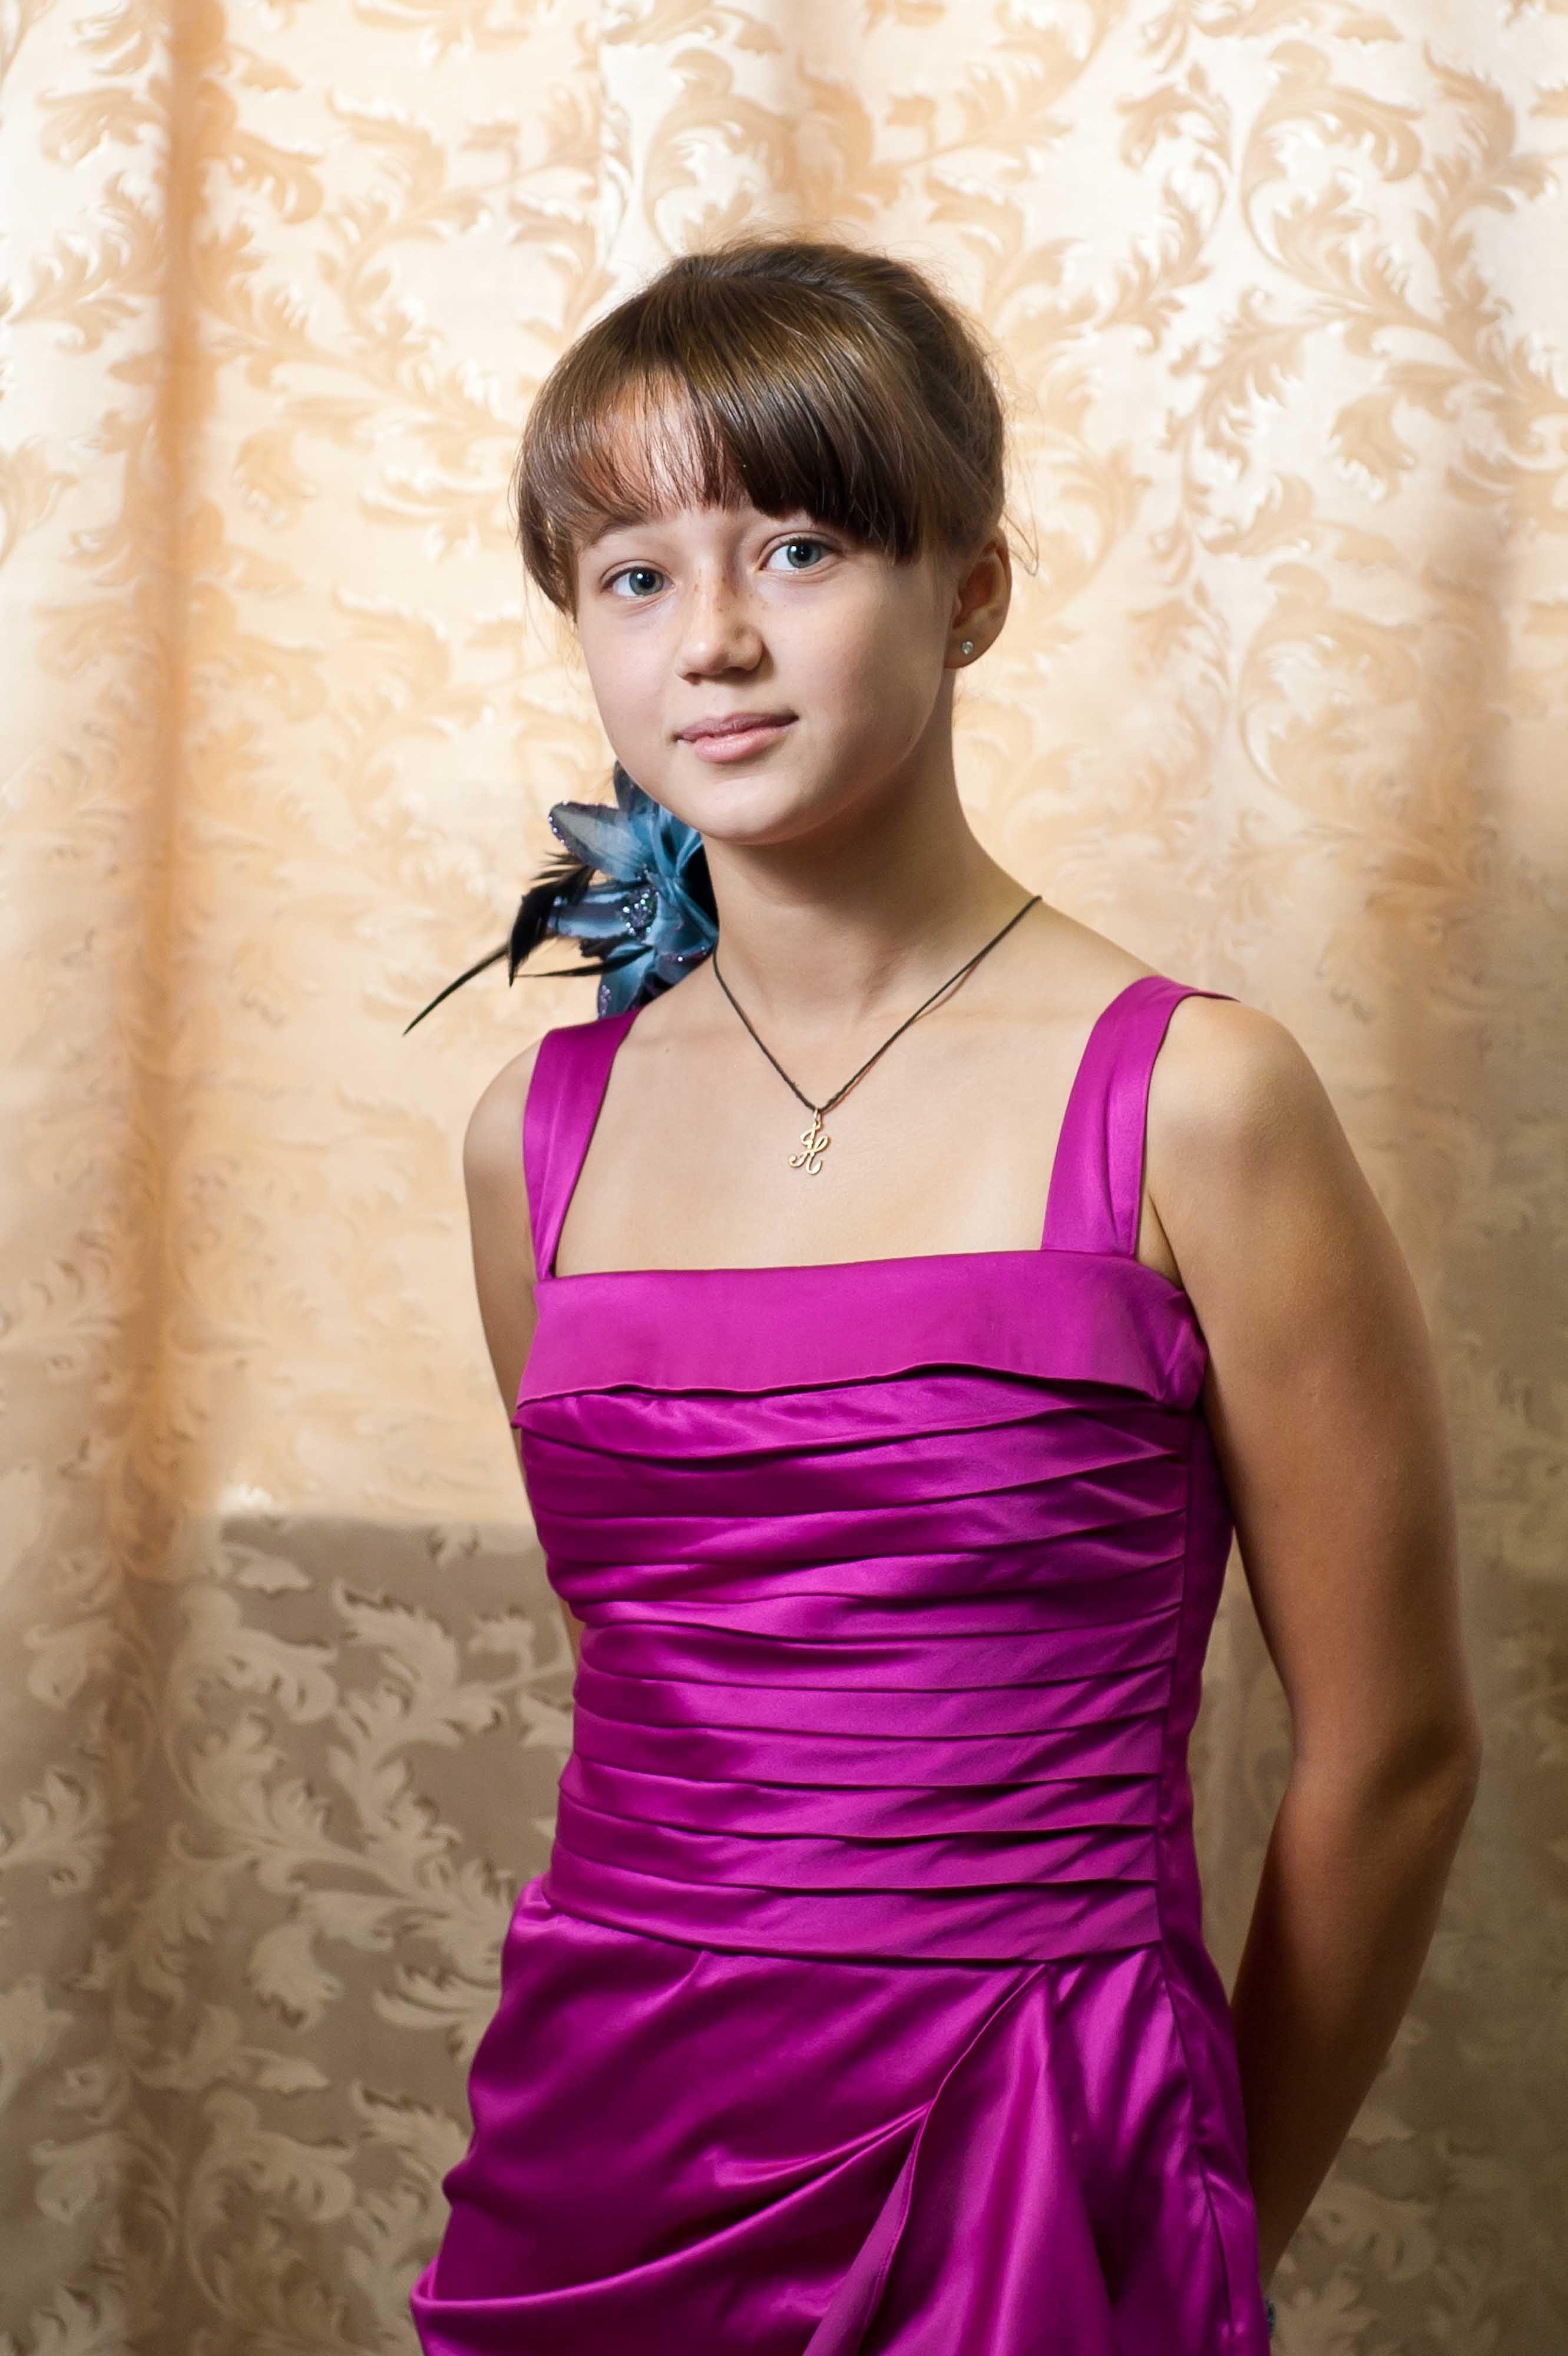 Надюша, 15, Нефтекамск